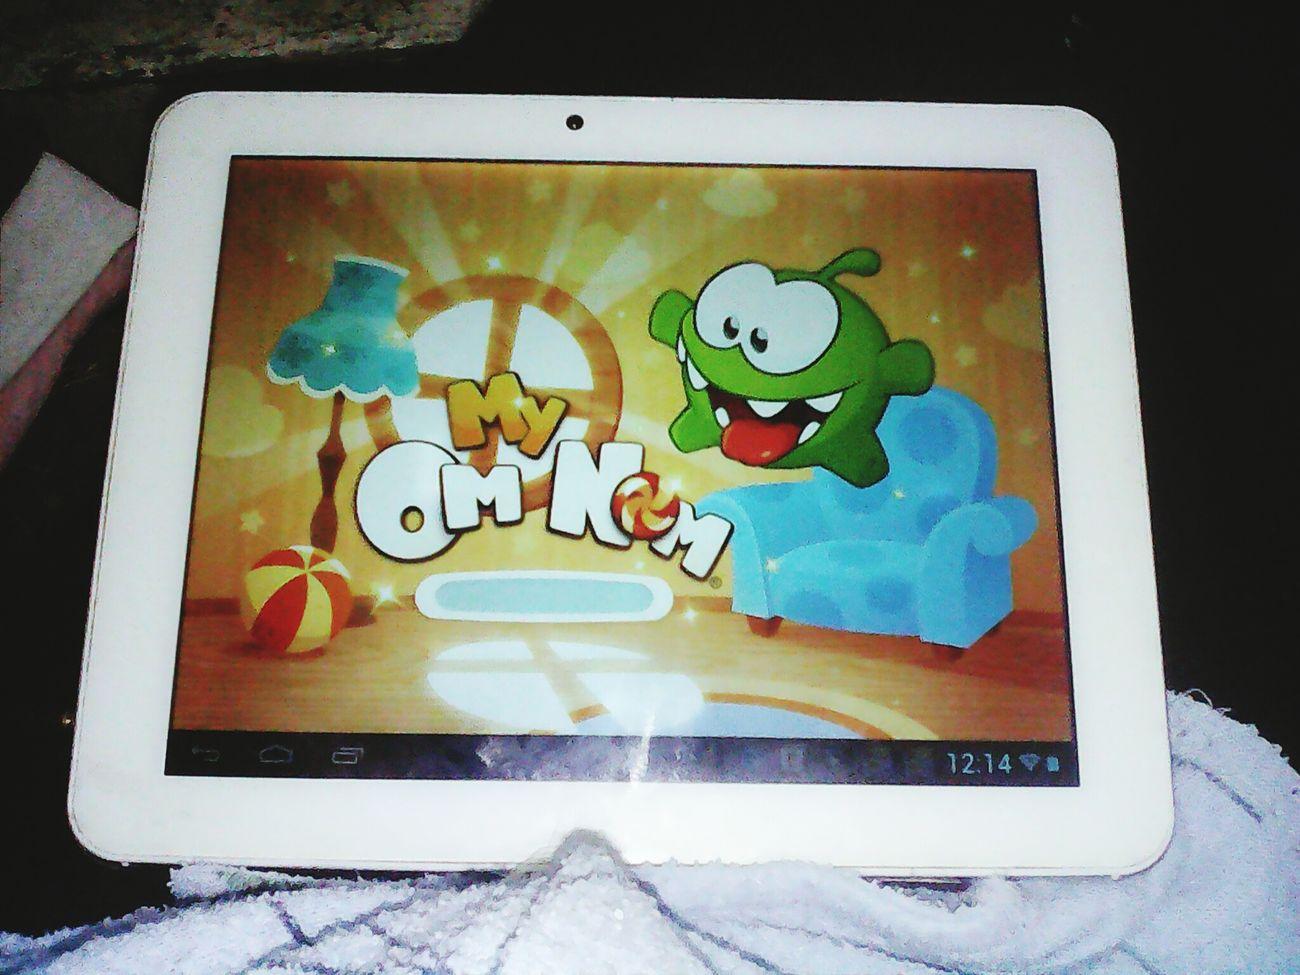 My Tablet My Om Nom Game Мой планшет любимая игра скууучно скукаскучная Коротаю время Relaxing Enjoying Life